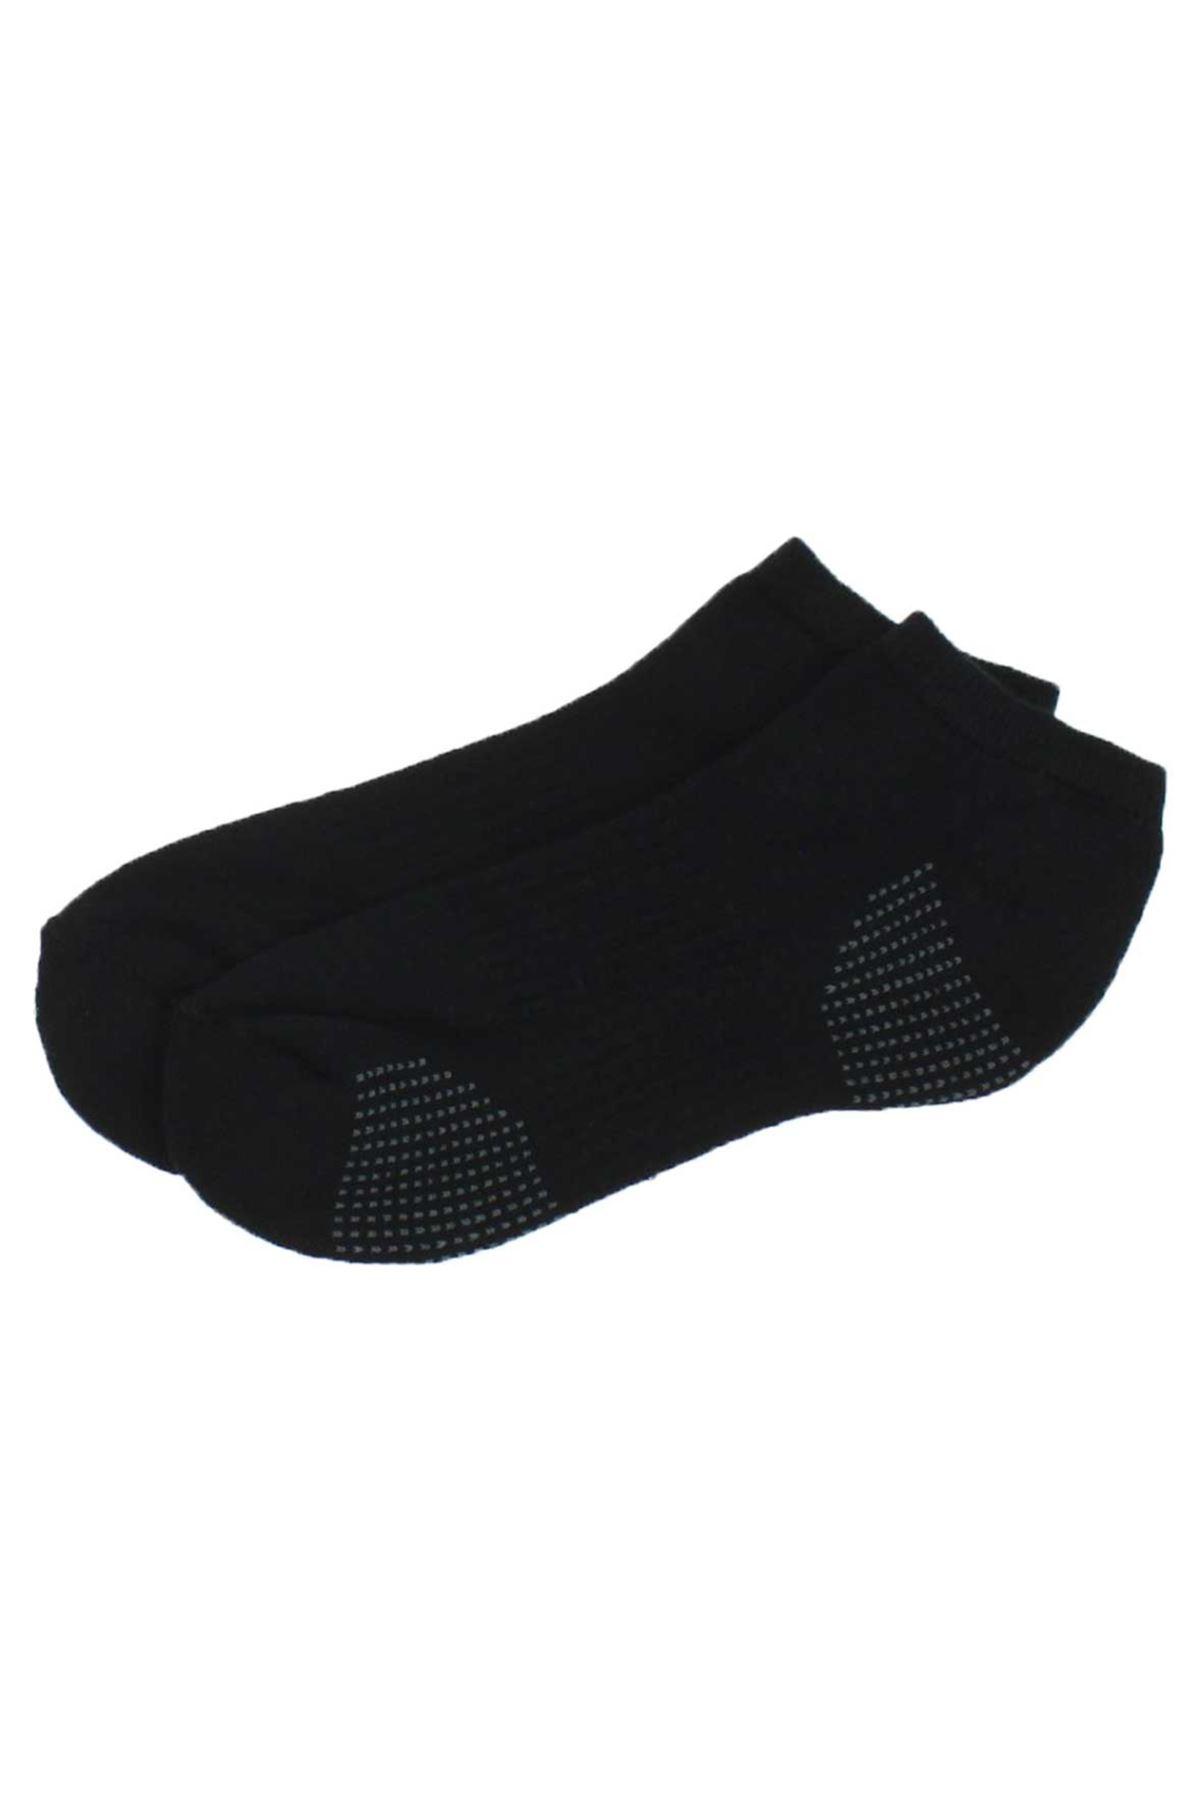 By Jawalli Kadın Parfümlü Havlu Patik Çorap